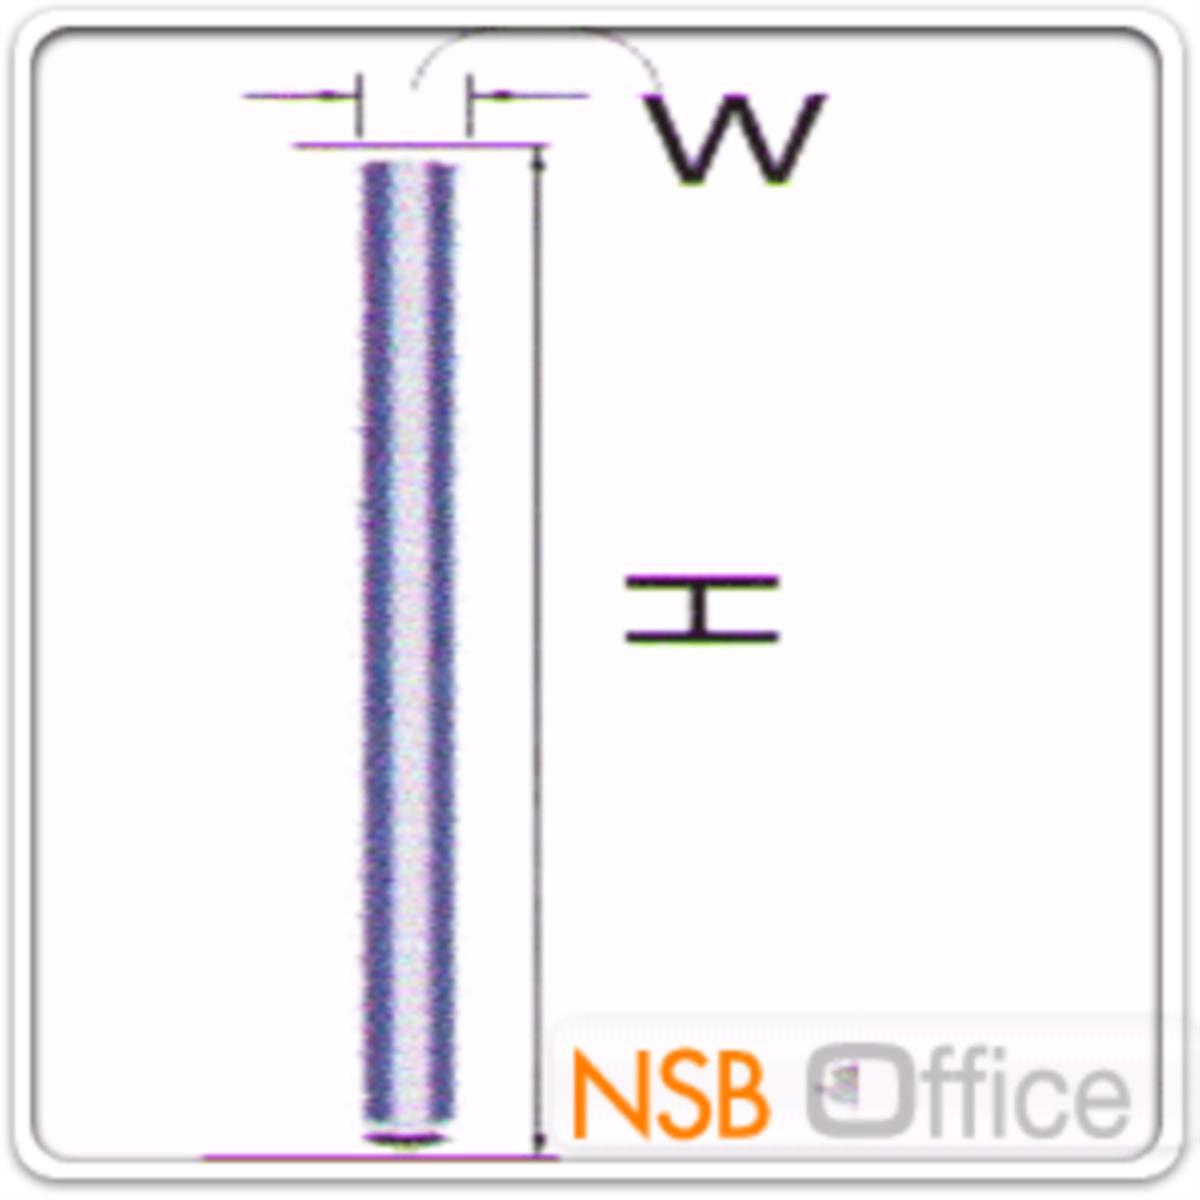 เสาจบพาร์ทิชั่น P-01-NSB ขนาด ก5.5 ซม. (Post)